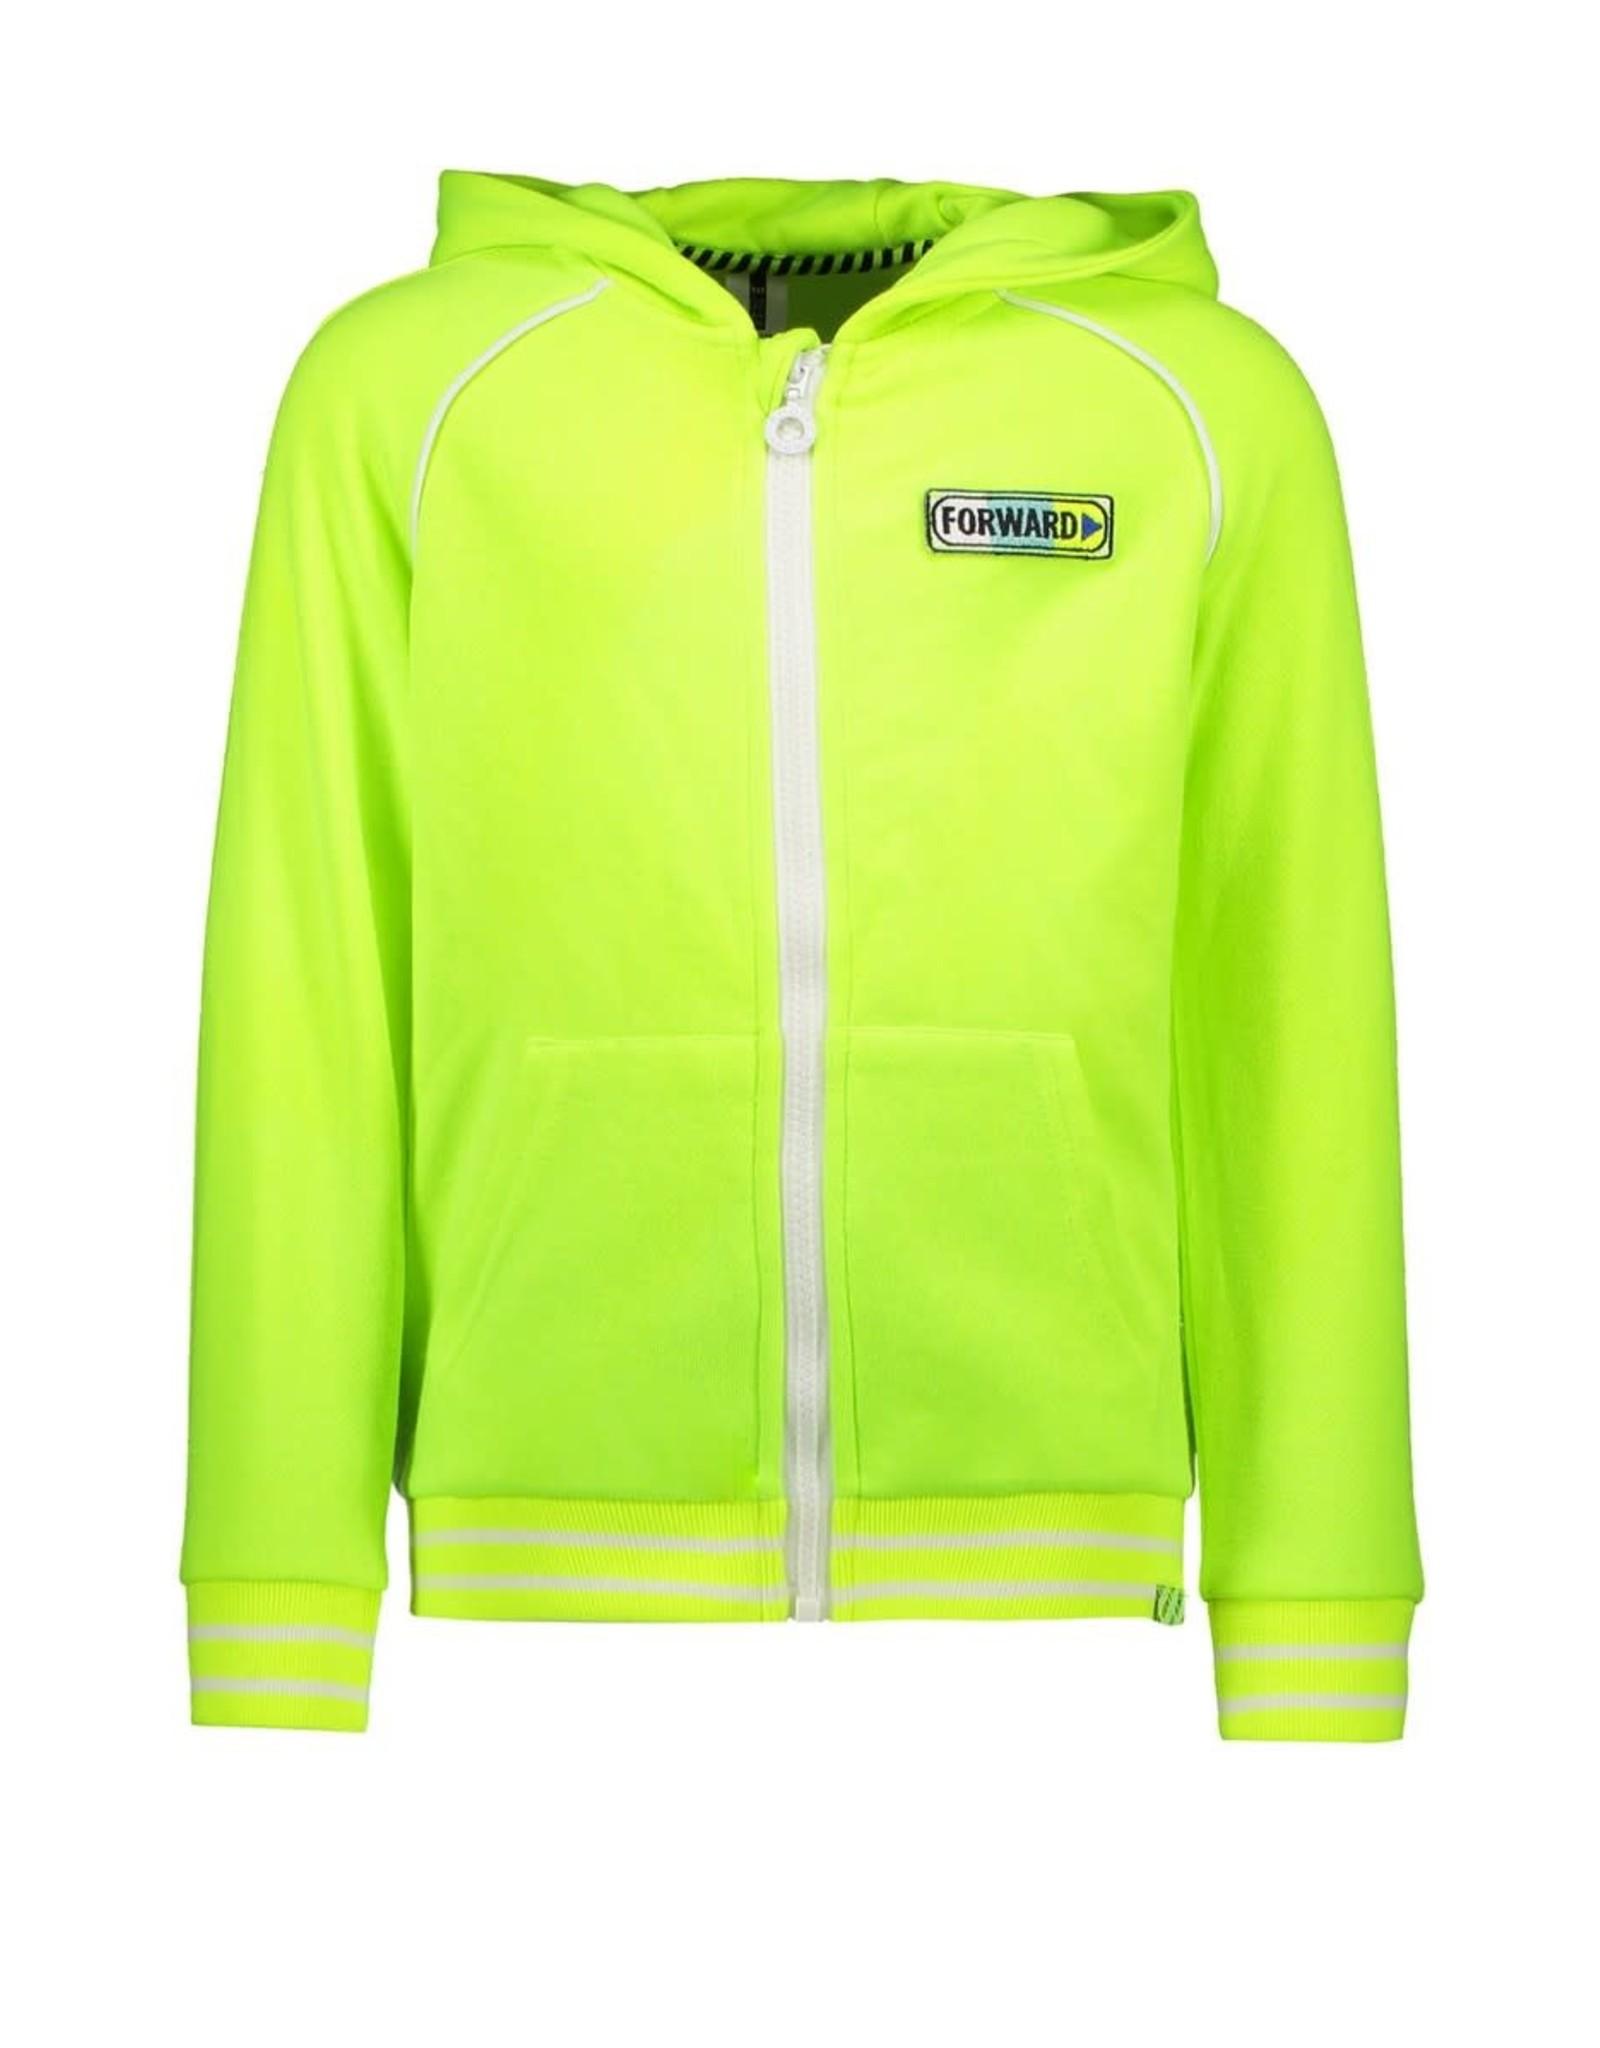 B.Nosy B.Nosy jongens vest Forward Safety Yellow